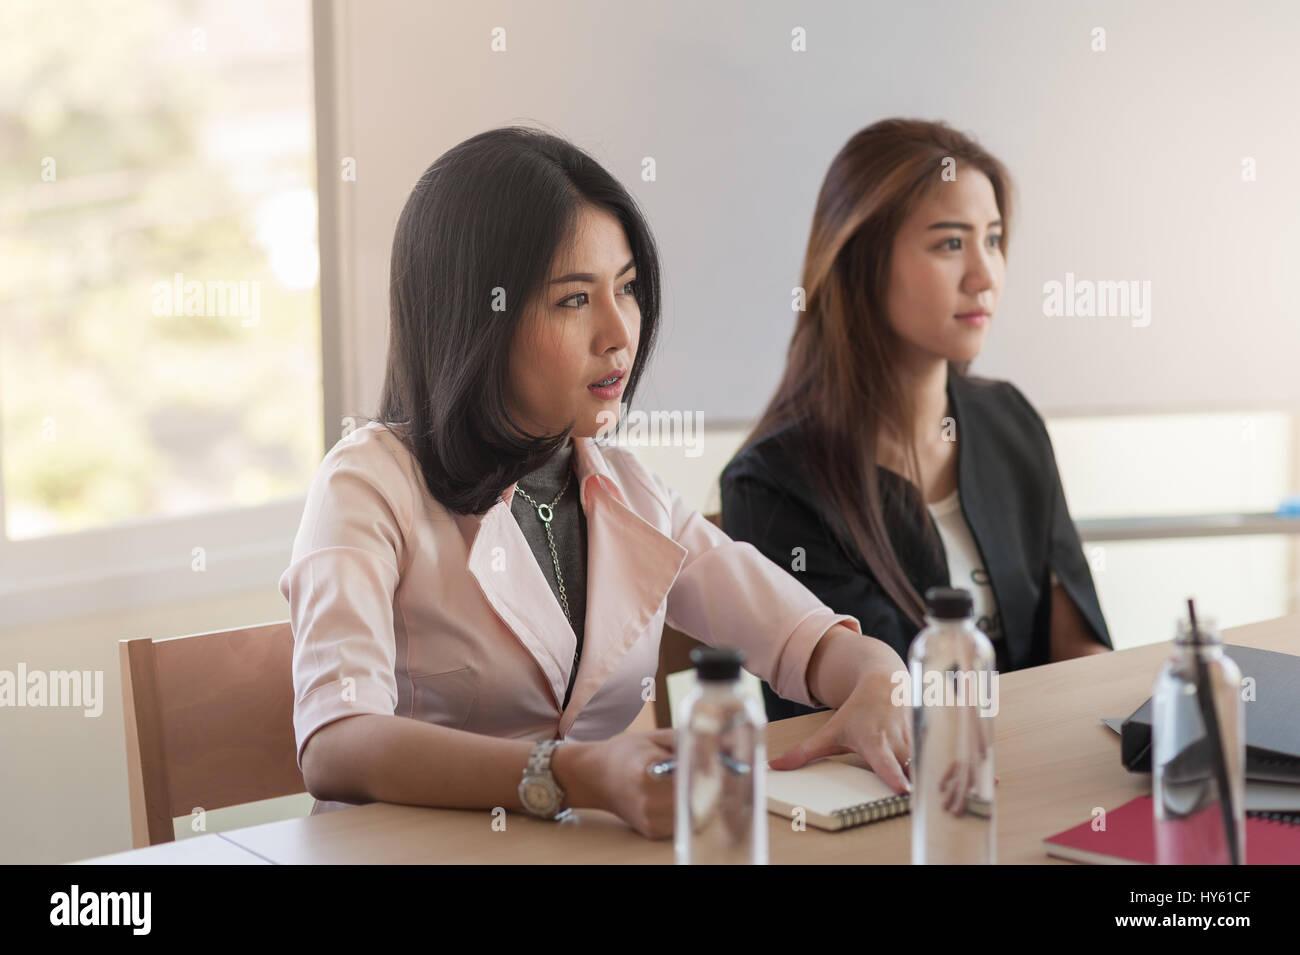 Zwei asiatische Unternehmerinnen achten Sie darauf, ihren Vorgesetzten während der Teilnahme an Business-Meeting Stockbild